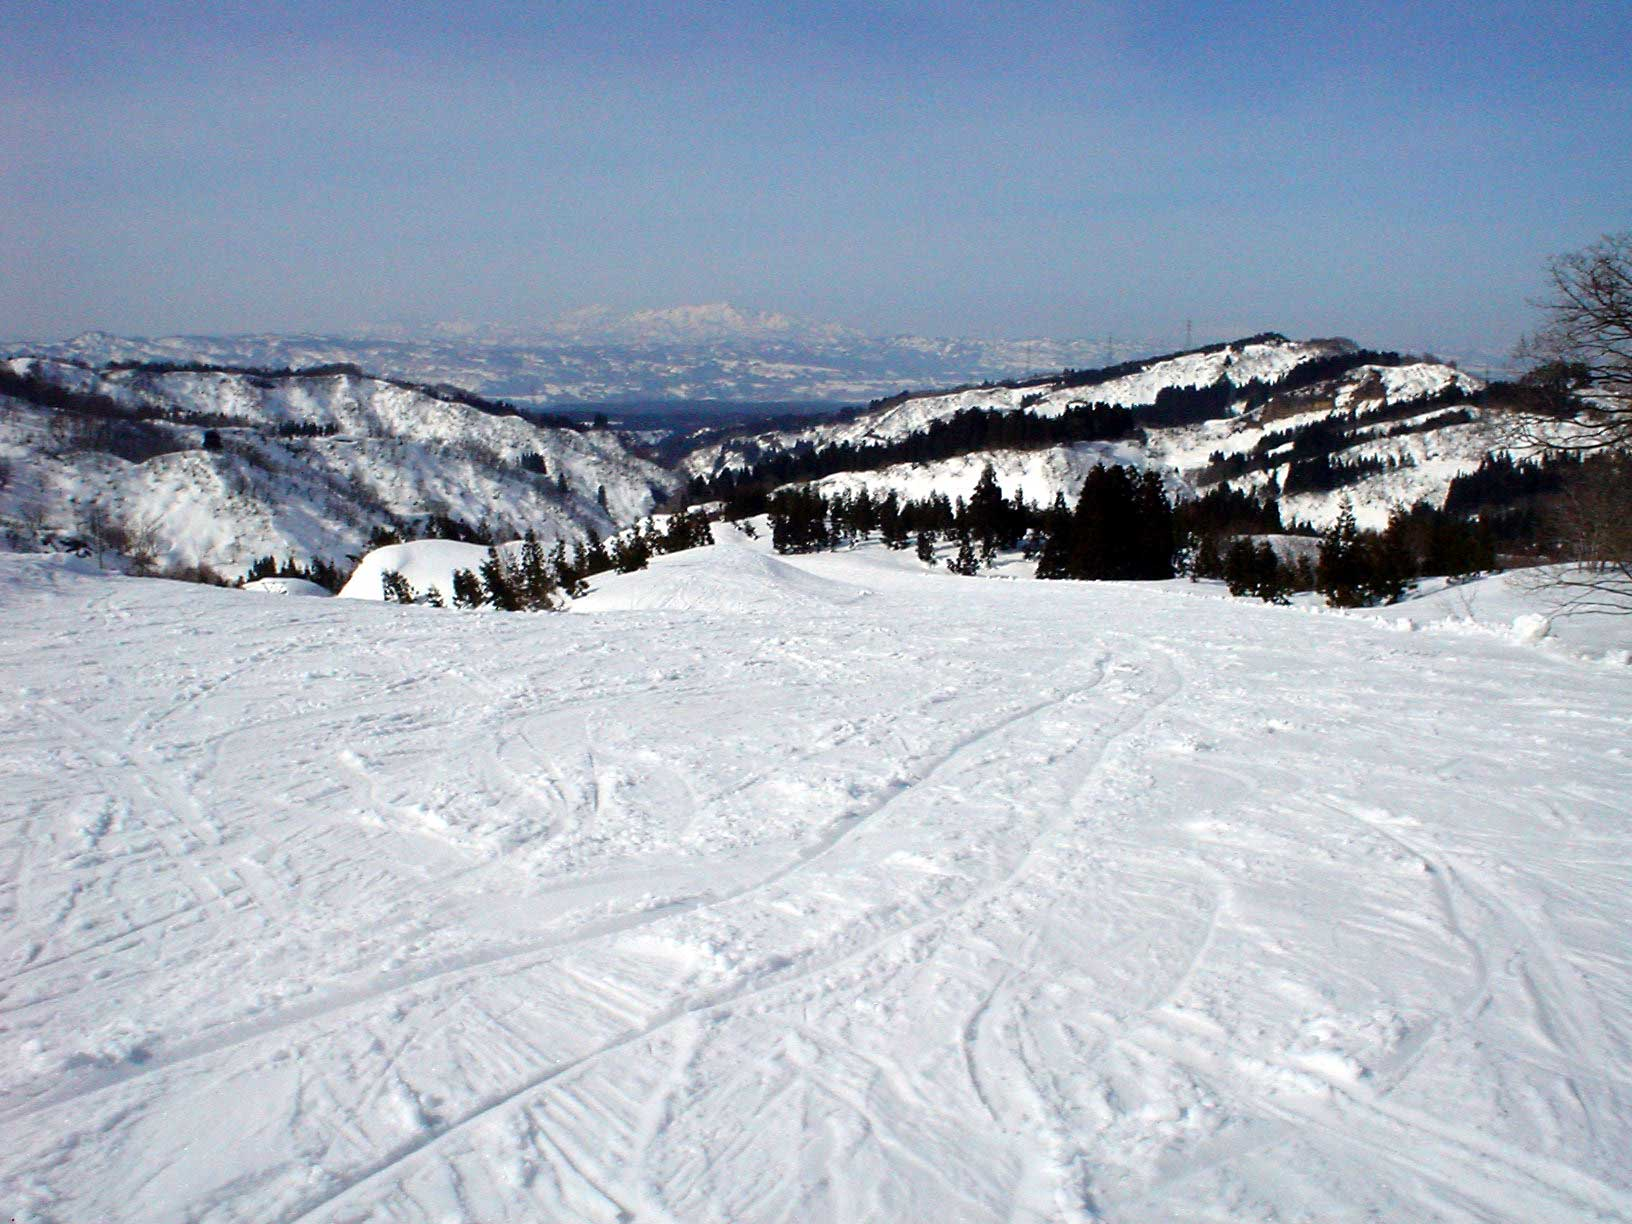 日帰りスキー/スノボ in 上越国際スキー場 (きりしま屋)